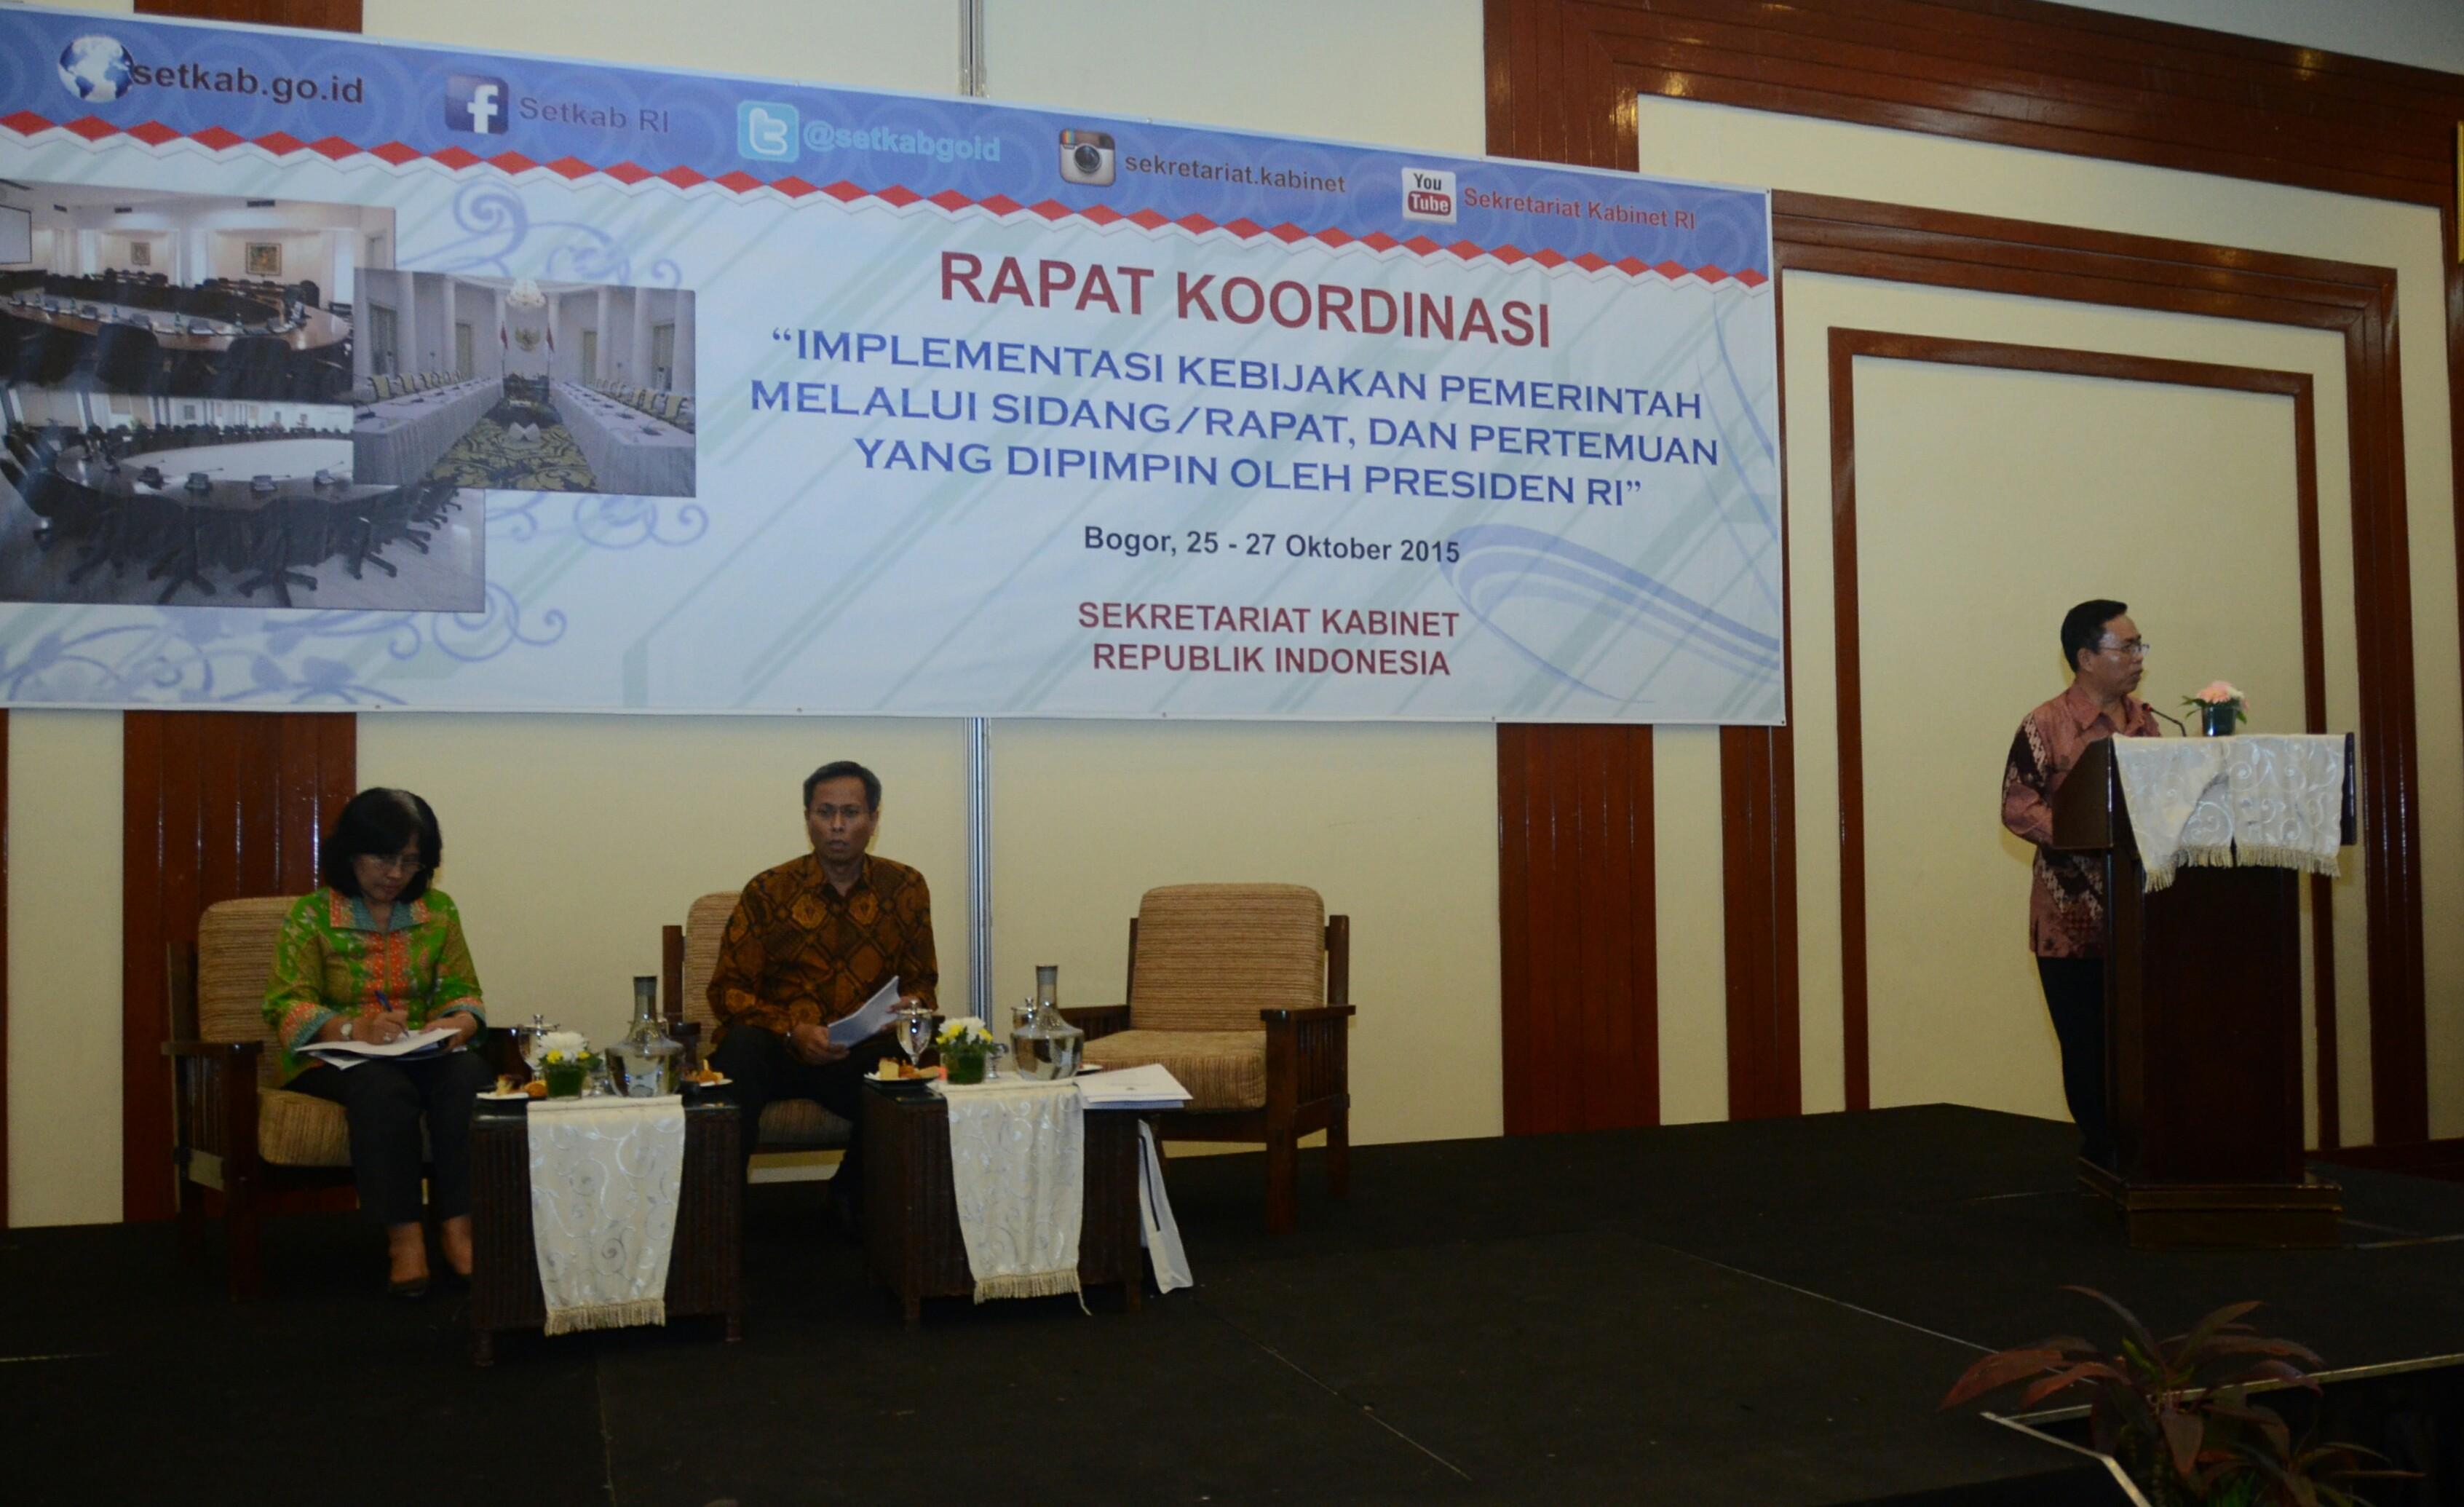 Rapat Koordinasi (Rakor) Implementasi Kebijakan Pemerintah Melalui Sidang / Rapat, Dan Pertemuan Yang Dipimpin Oleh Presiden RI, Bogor, 25 - 27 Oktober 2015